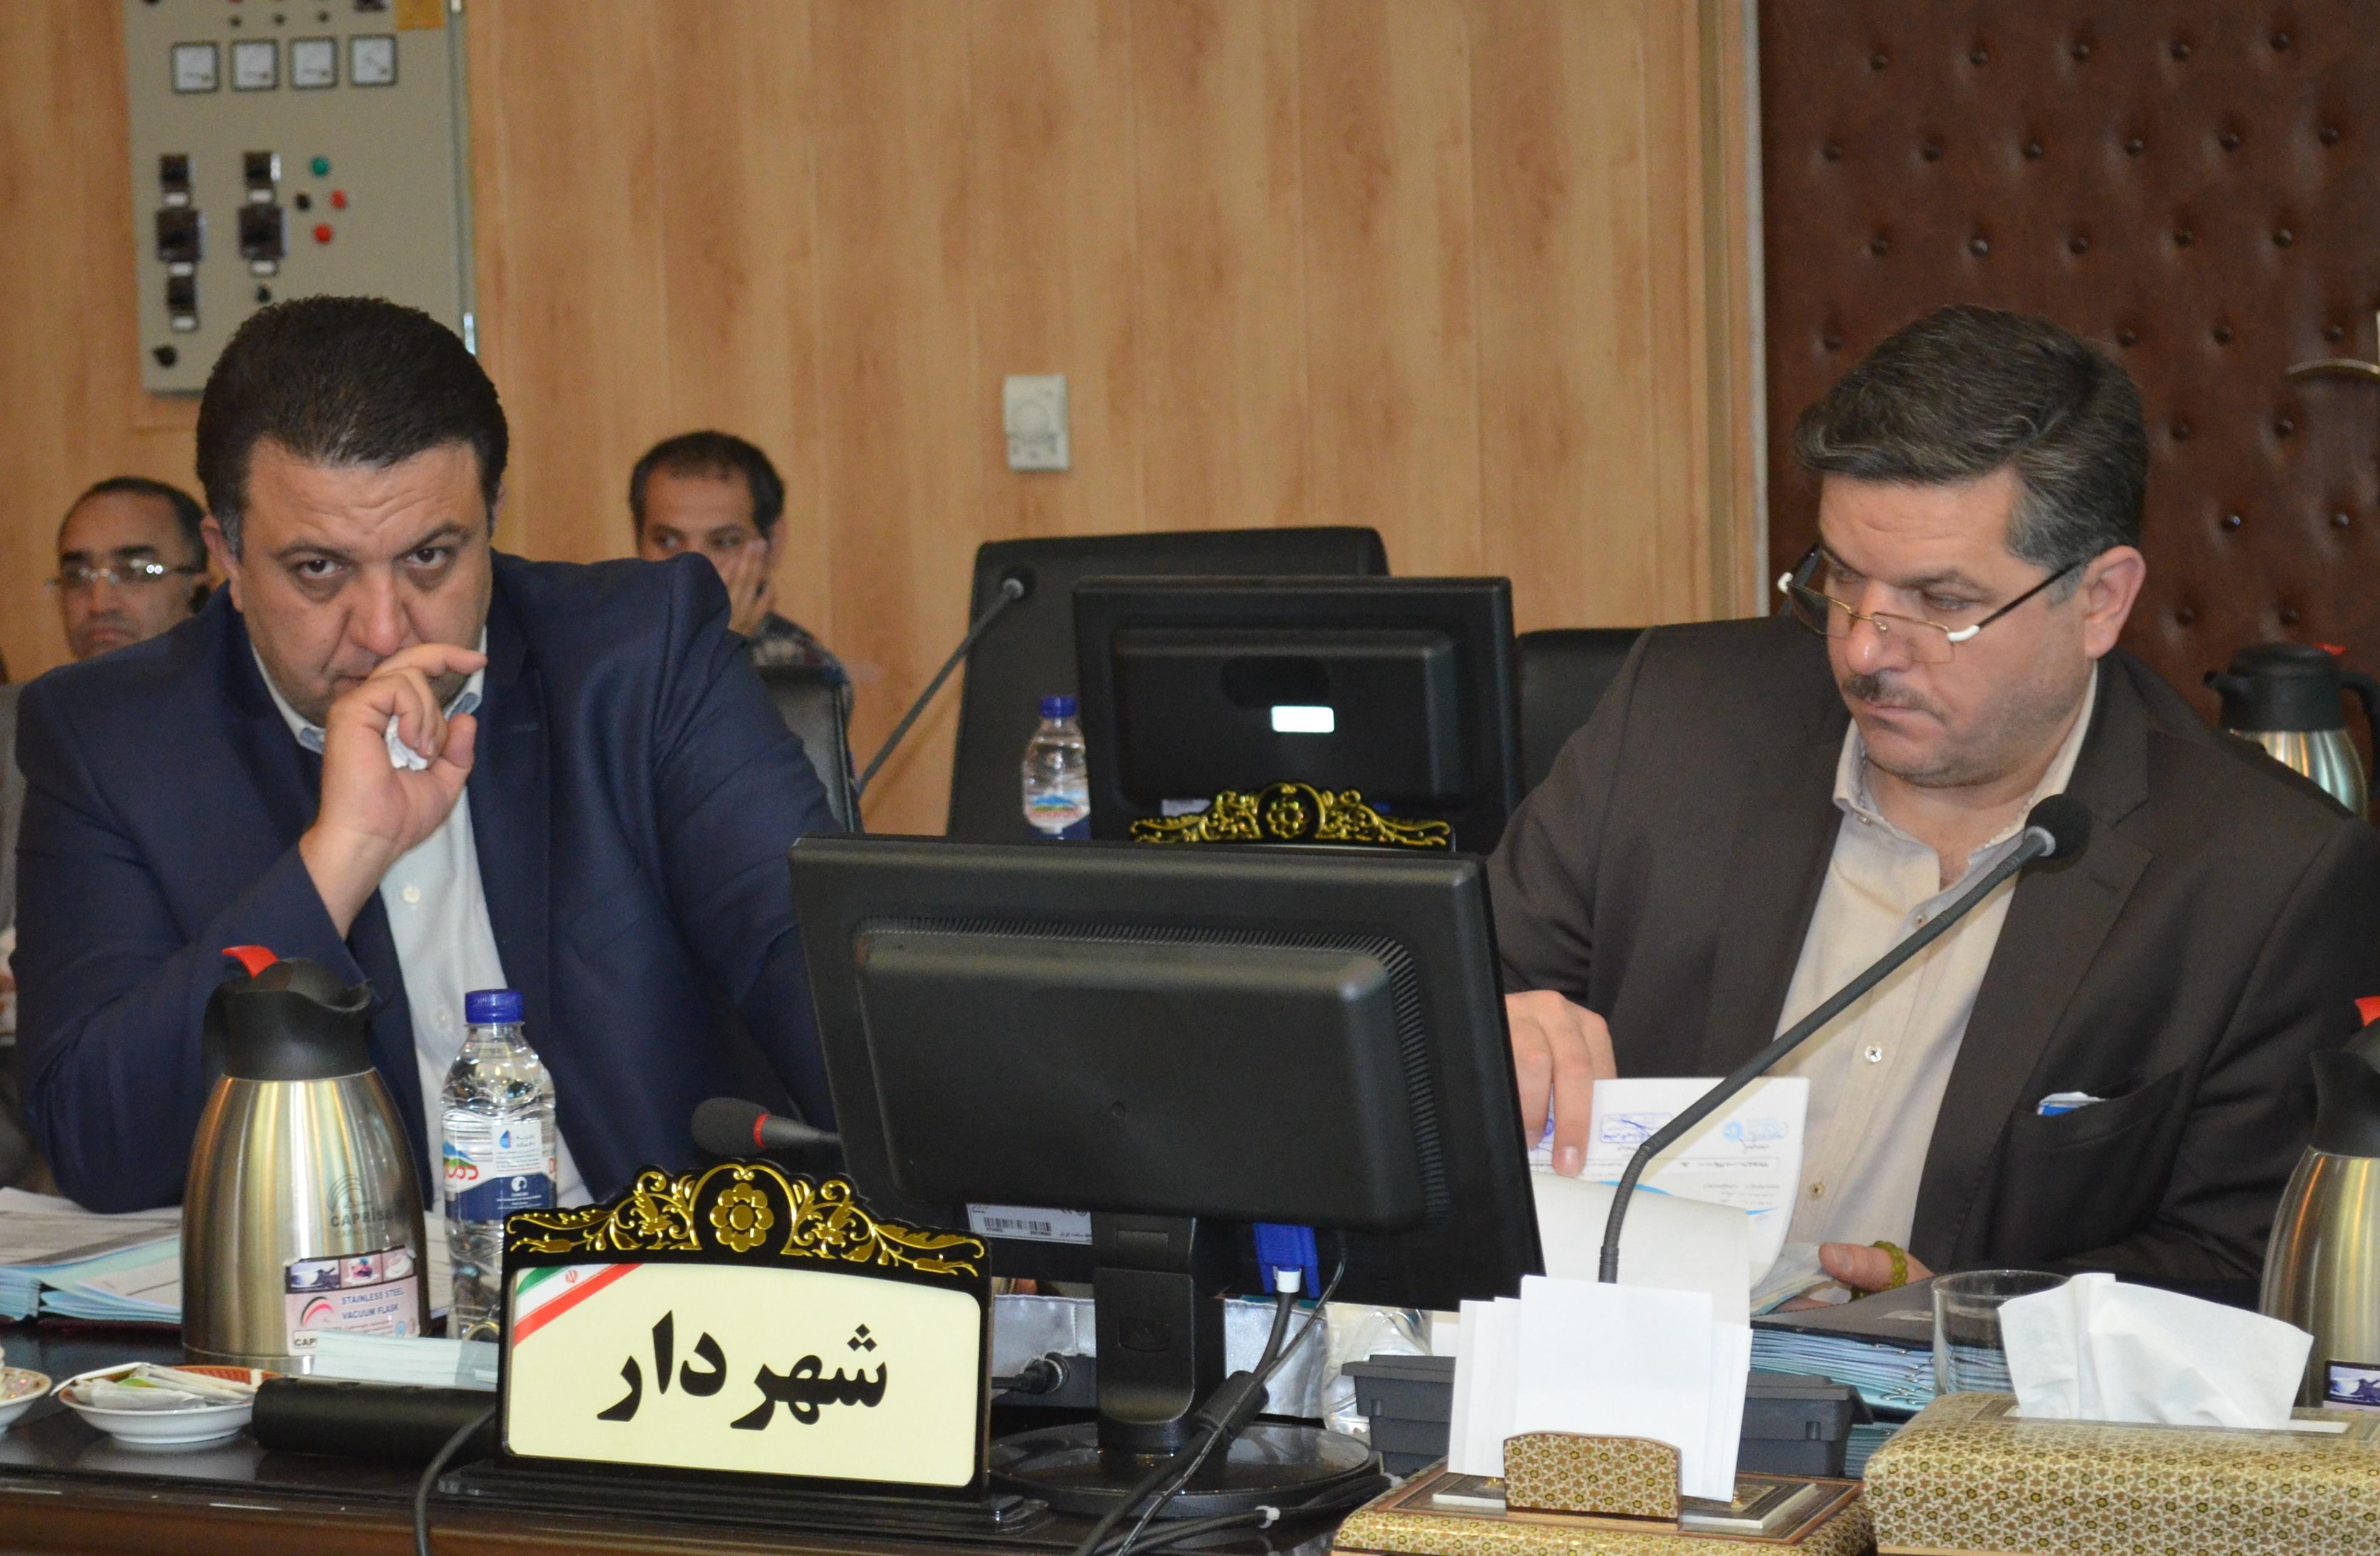 ترکاشوند: نمی دانم چه کسی از شورایی ها،اطلاعات غلط به استانداری داد